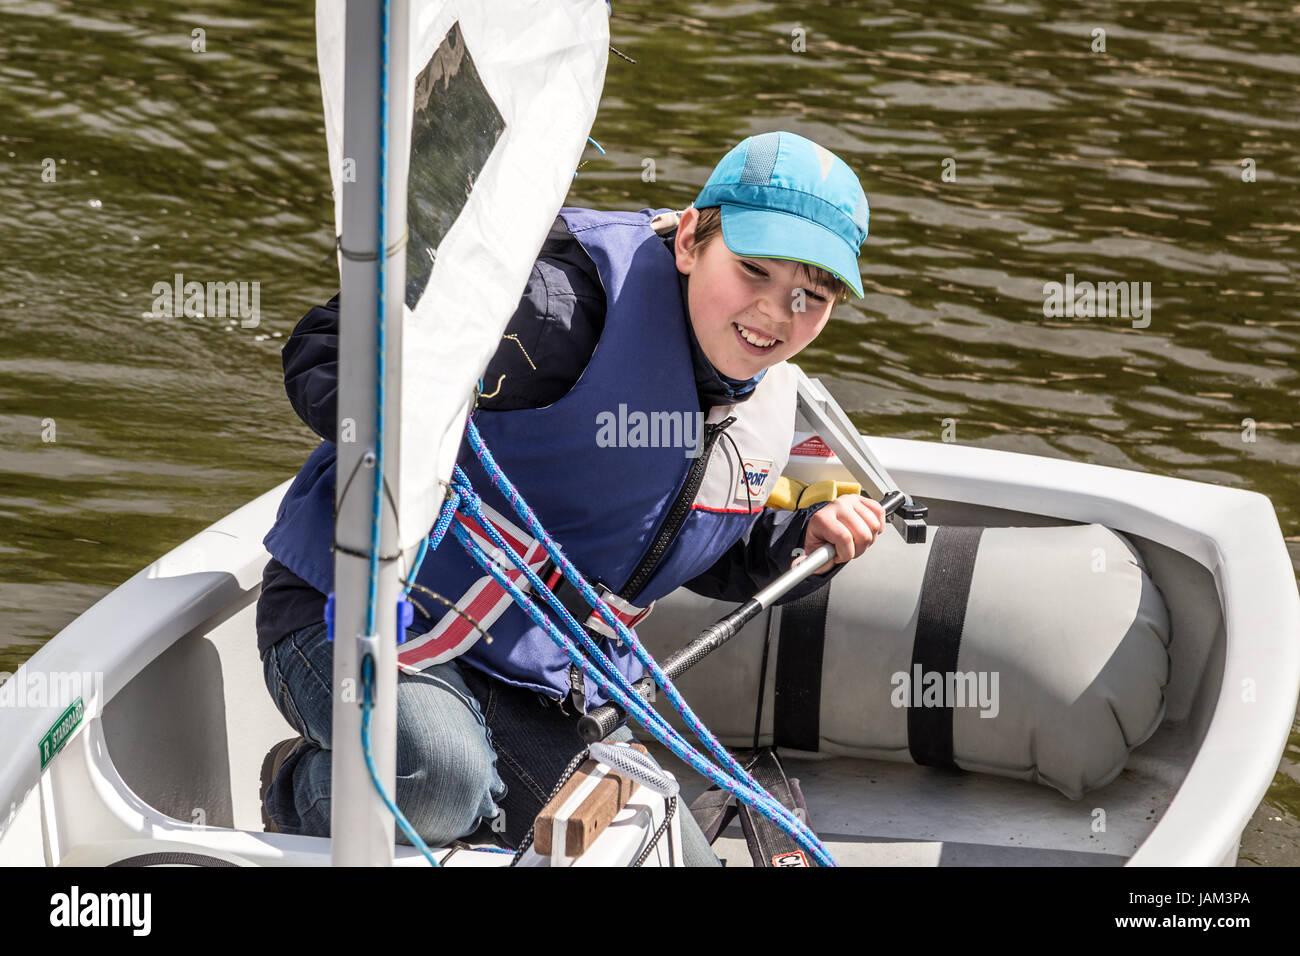 Junge - Matrose auf Optimist Klasse Segelboot nach Regatta Rennen. Stockbild